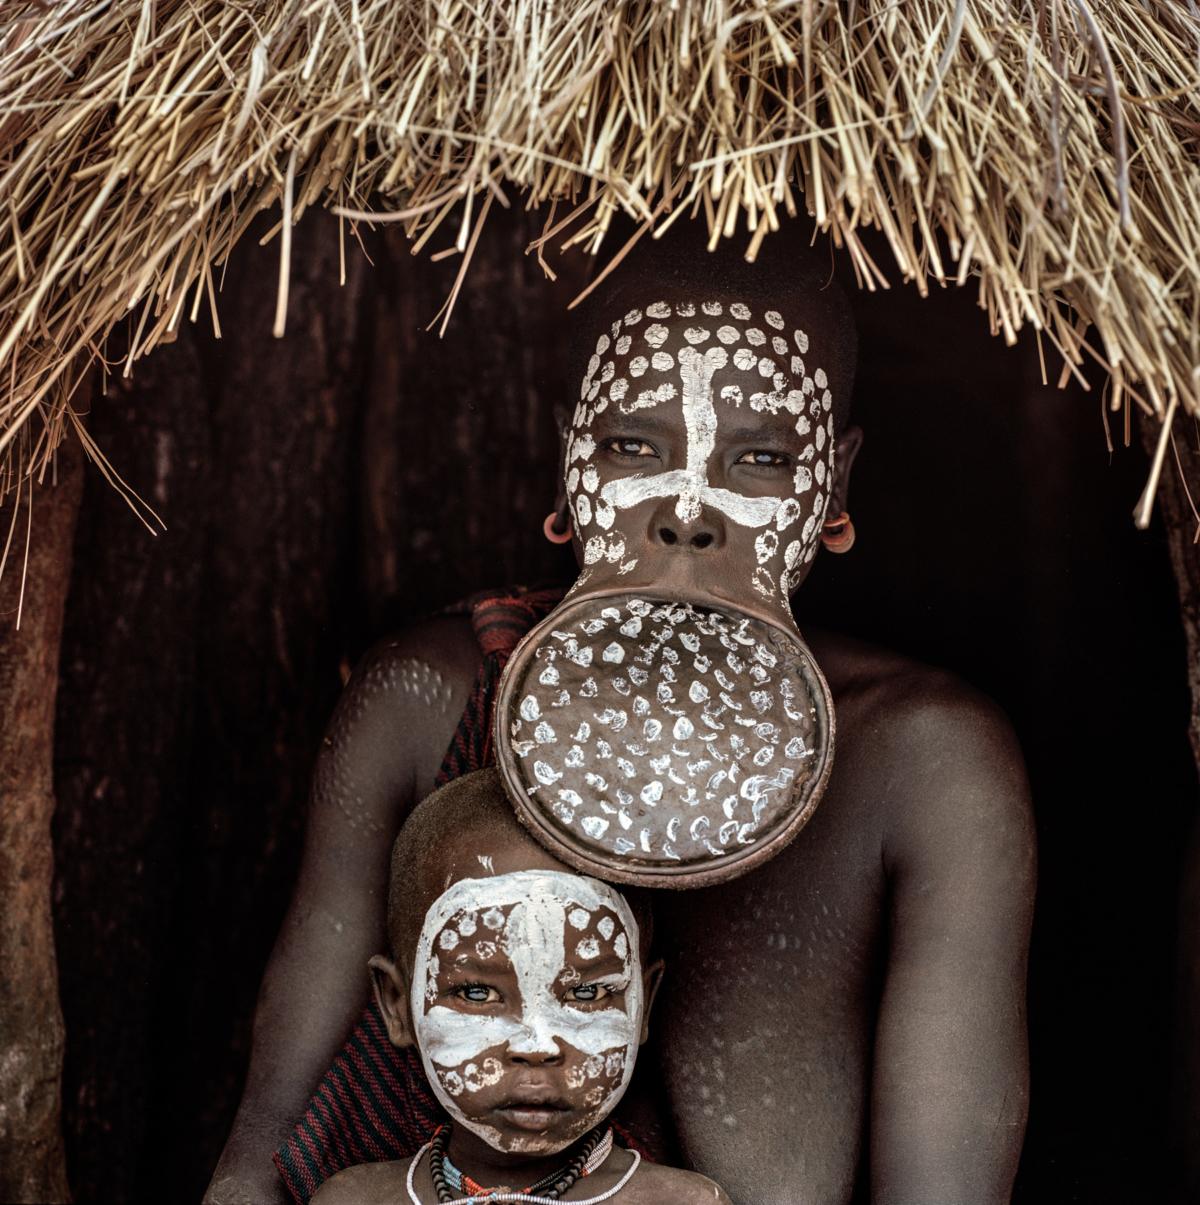 Surmas #16, Ethiopie, 2011 Photographie Fine Art print sur papier Hahnemühle 100 x 100 cm, SG-SU16 ©Stephan Gladieu